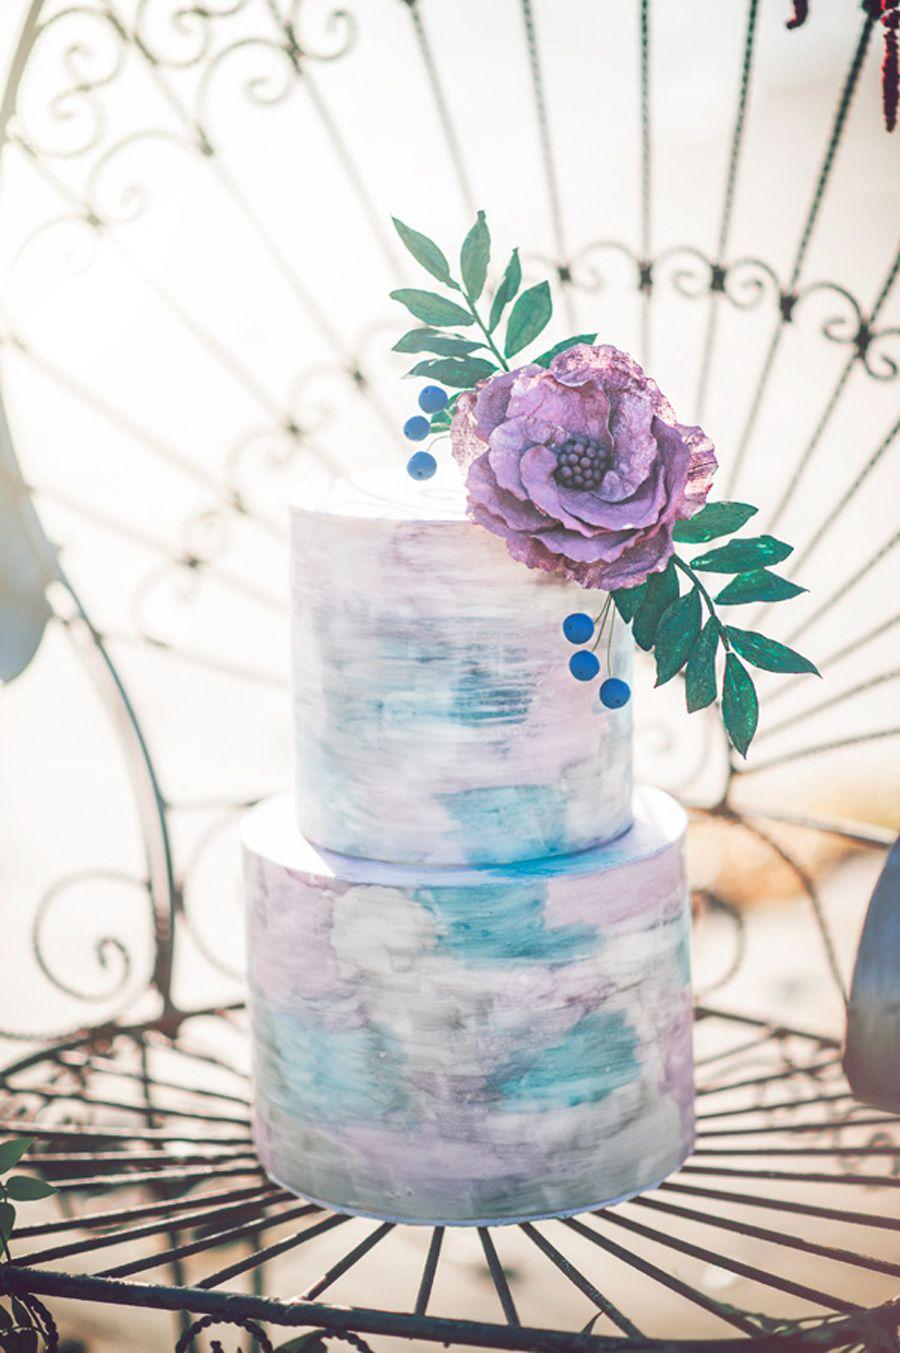 Gorgeous watercolor boho wedding cake photo by sydney takeshta of